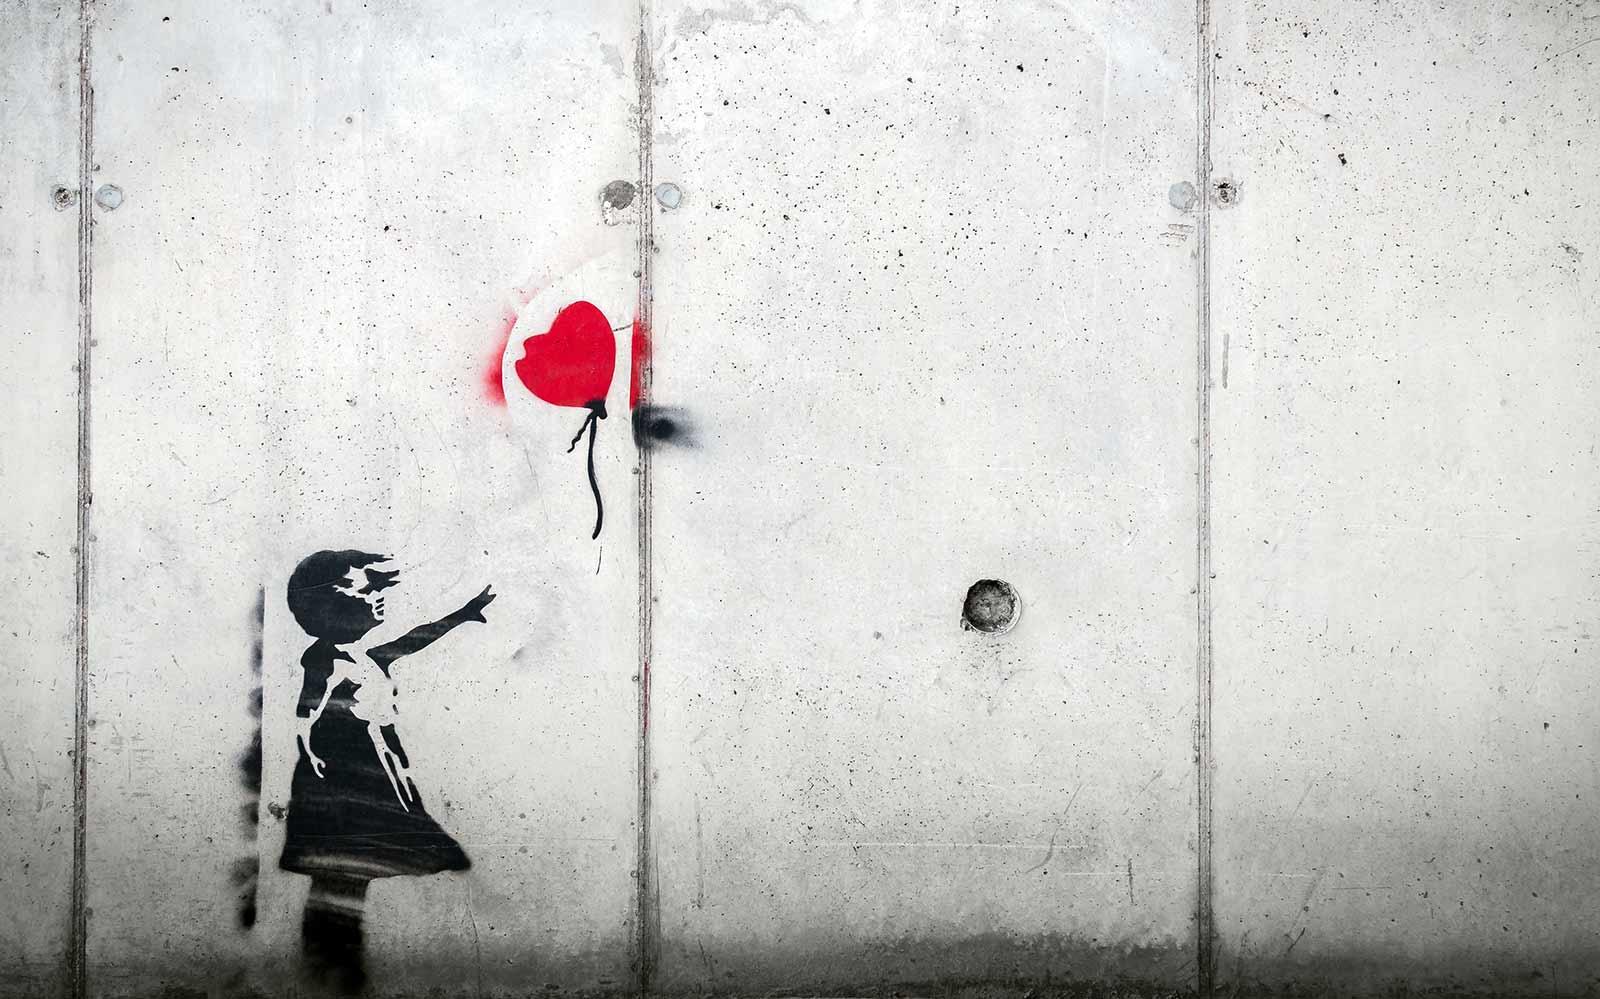 stencil on a wall